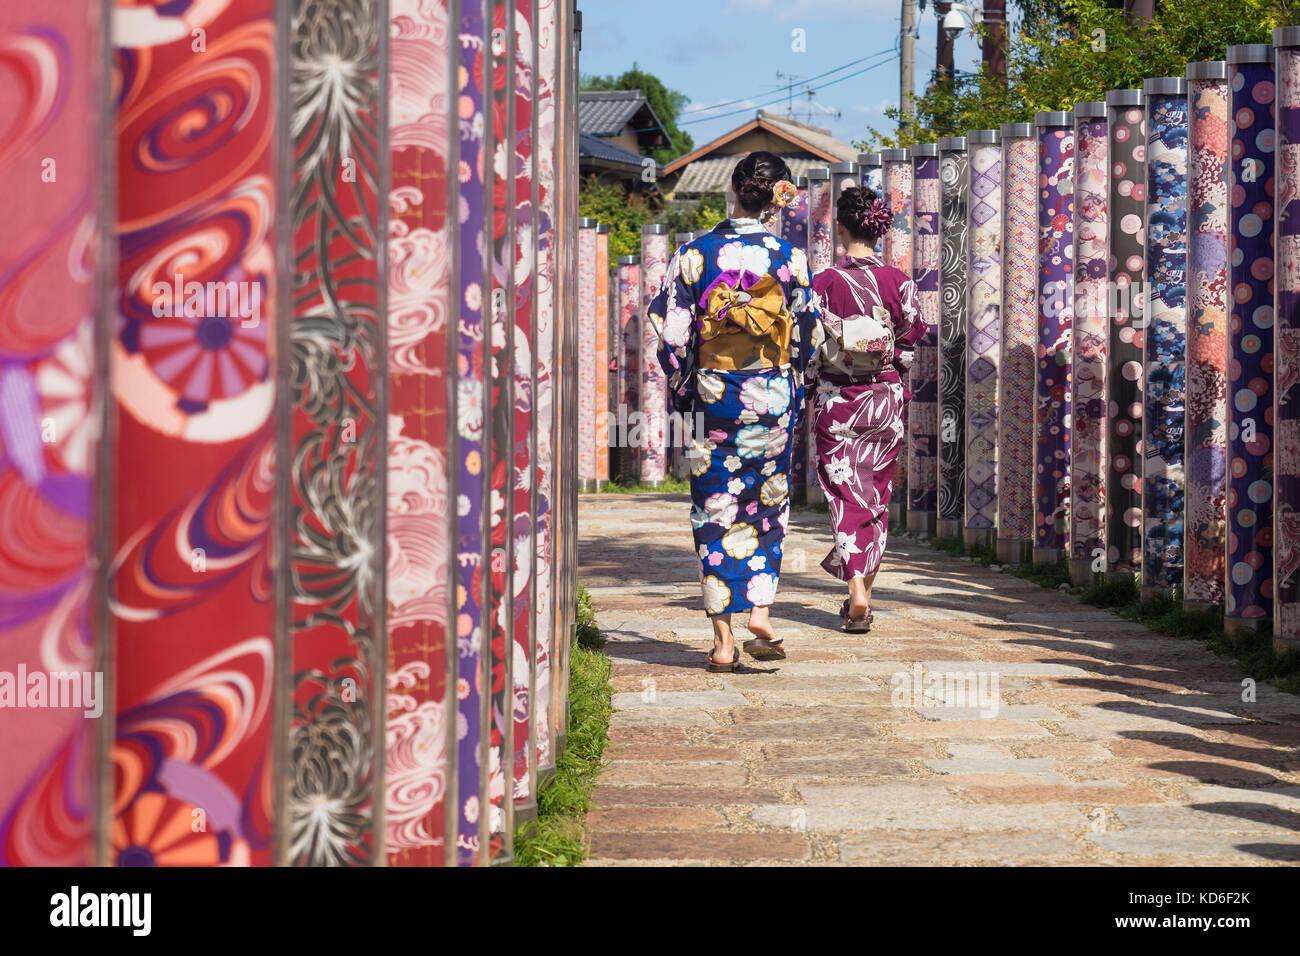 De arashiyama, Kyoto, Japon - 18 septembre 2017: deux kimonos femme avec promenade à travers des poteaux avec kimono Banque D'Images